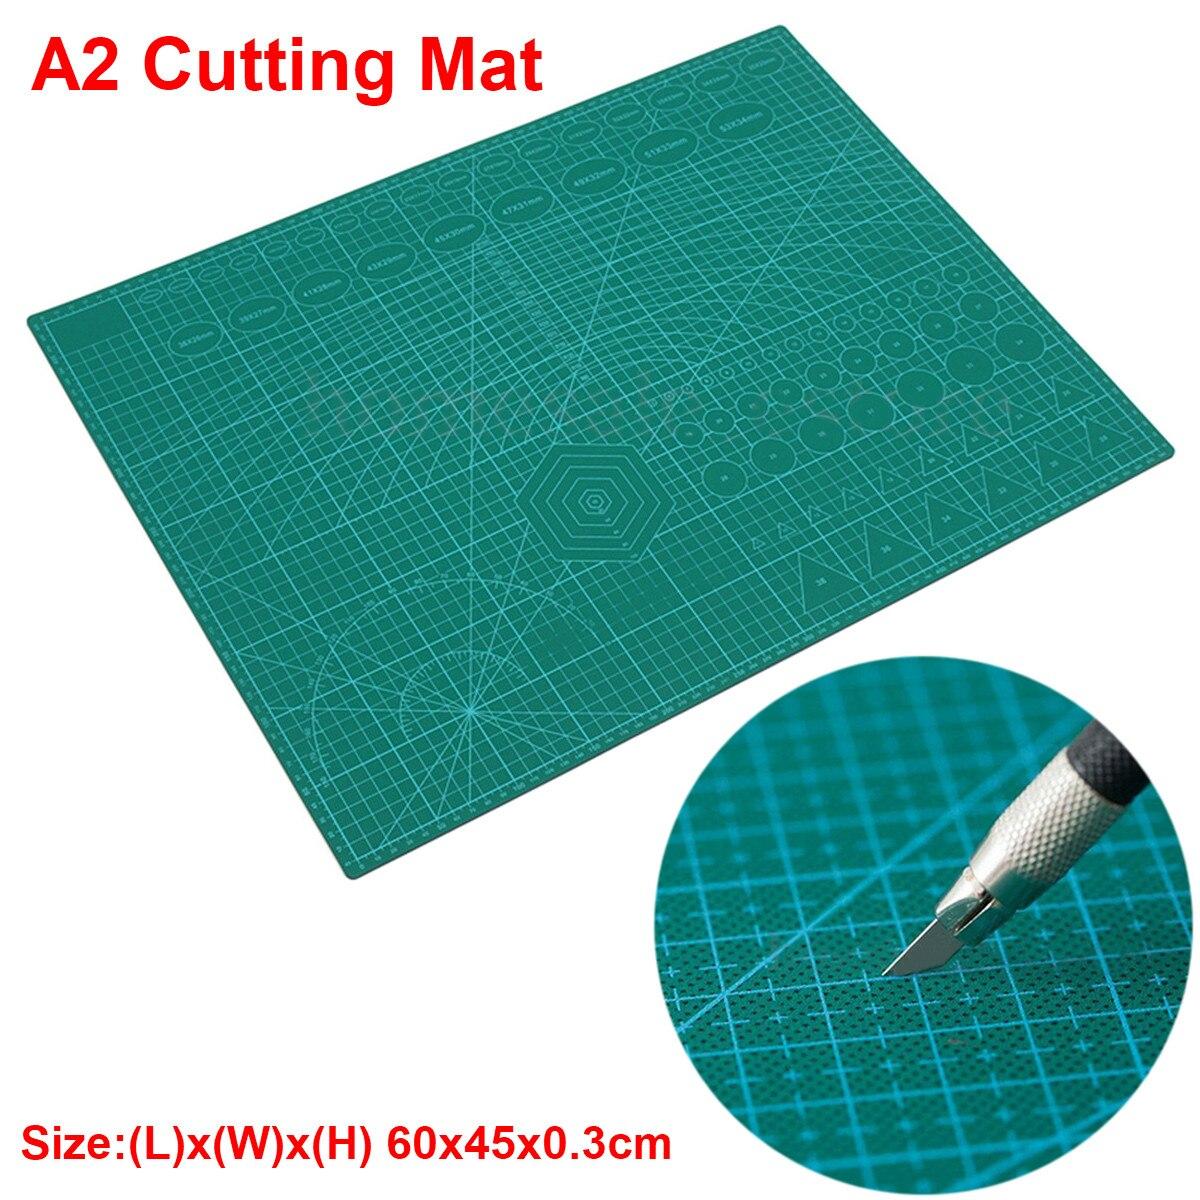 A2 PVC Doppio Stampato Self Healing Cutting Zerbino Mestiere Quilting Scrapbooking Bordo 60*45 cm Patchwork Tessuto di Carta del Mestiere strumenti